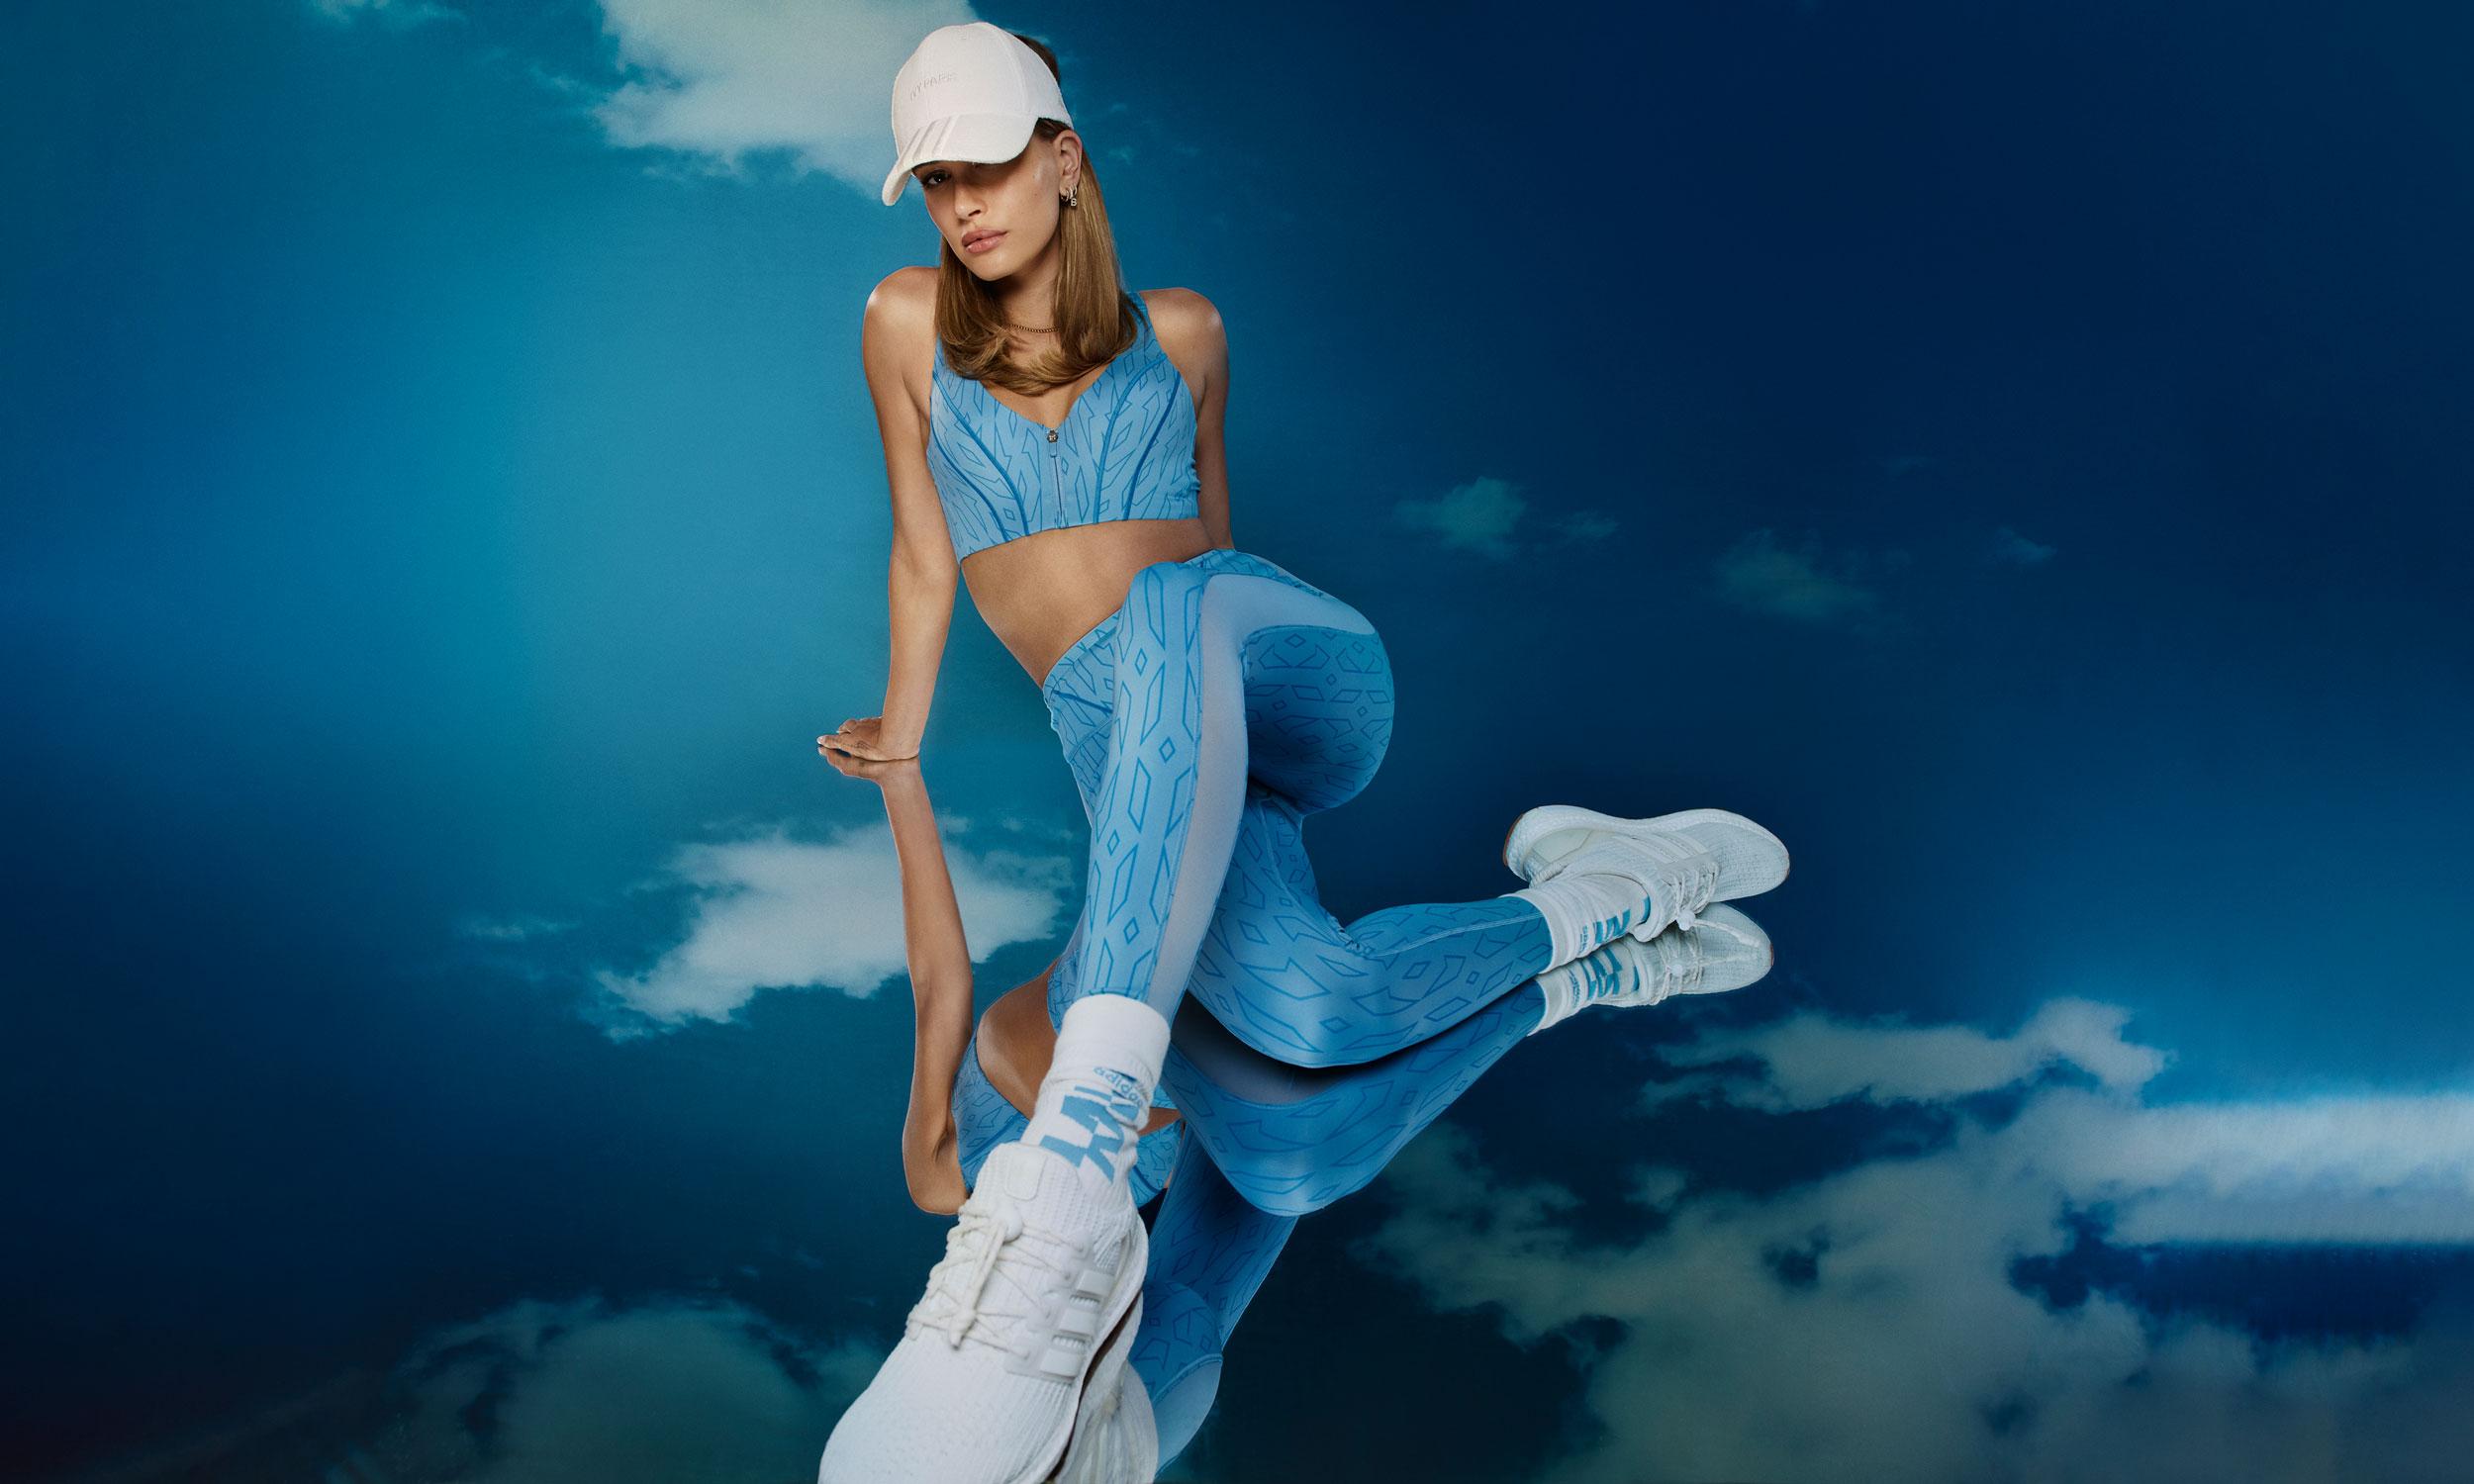 adidas Originals x IVY PARK 联名推出 ICY PARK 系列